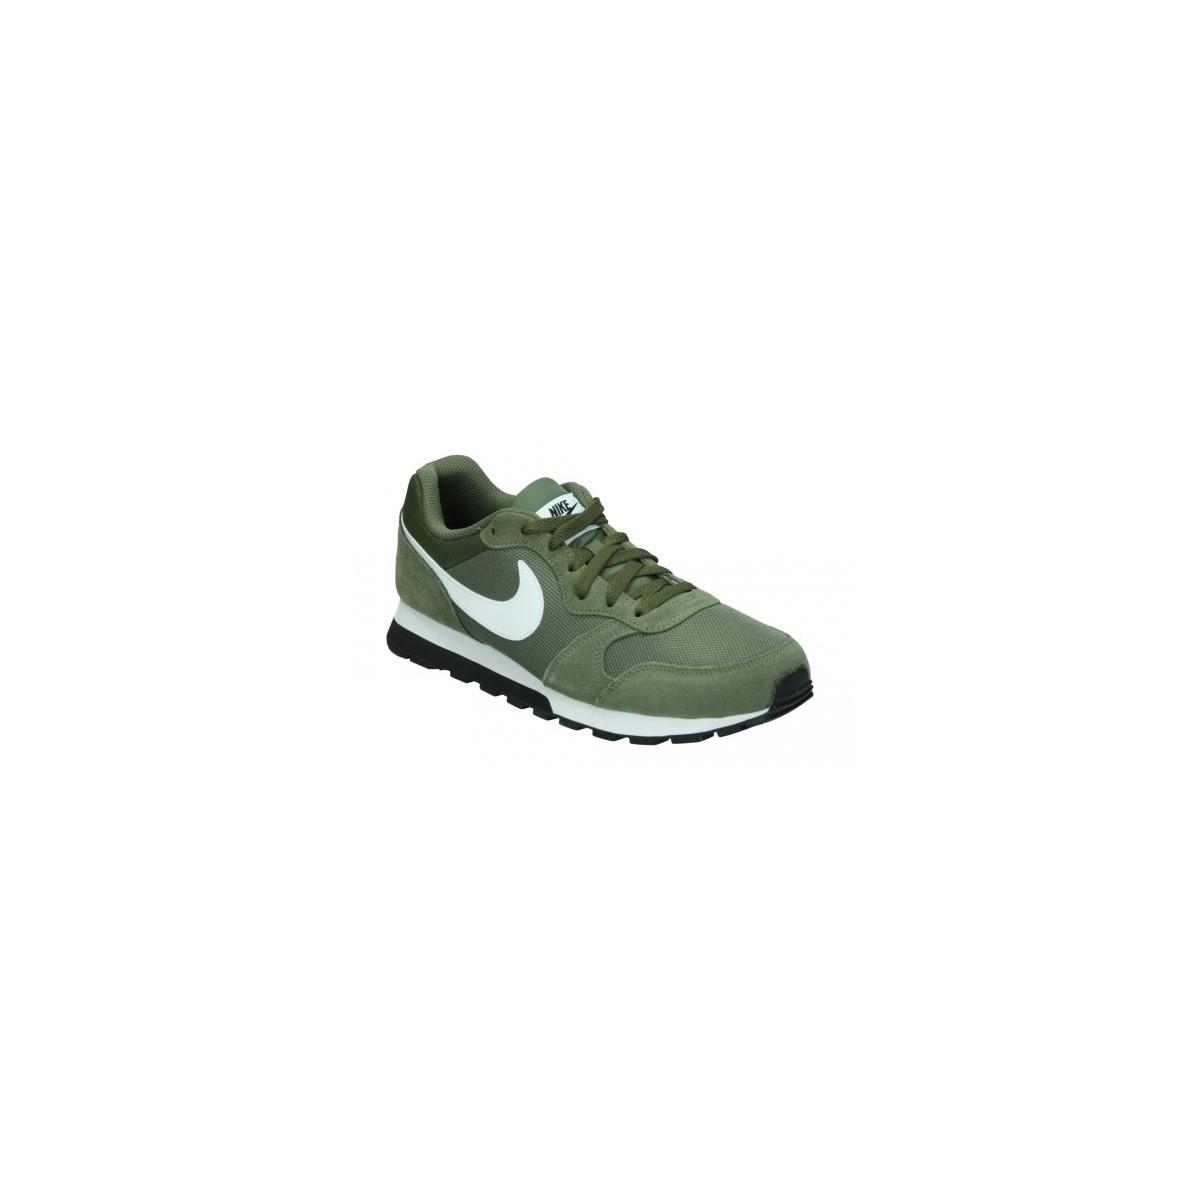 Nike MD Runner 2 Zapatillas Hombre 749794 204 Verdes - Tienda ... 741674c674a17